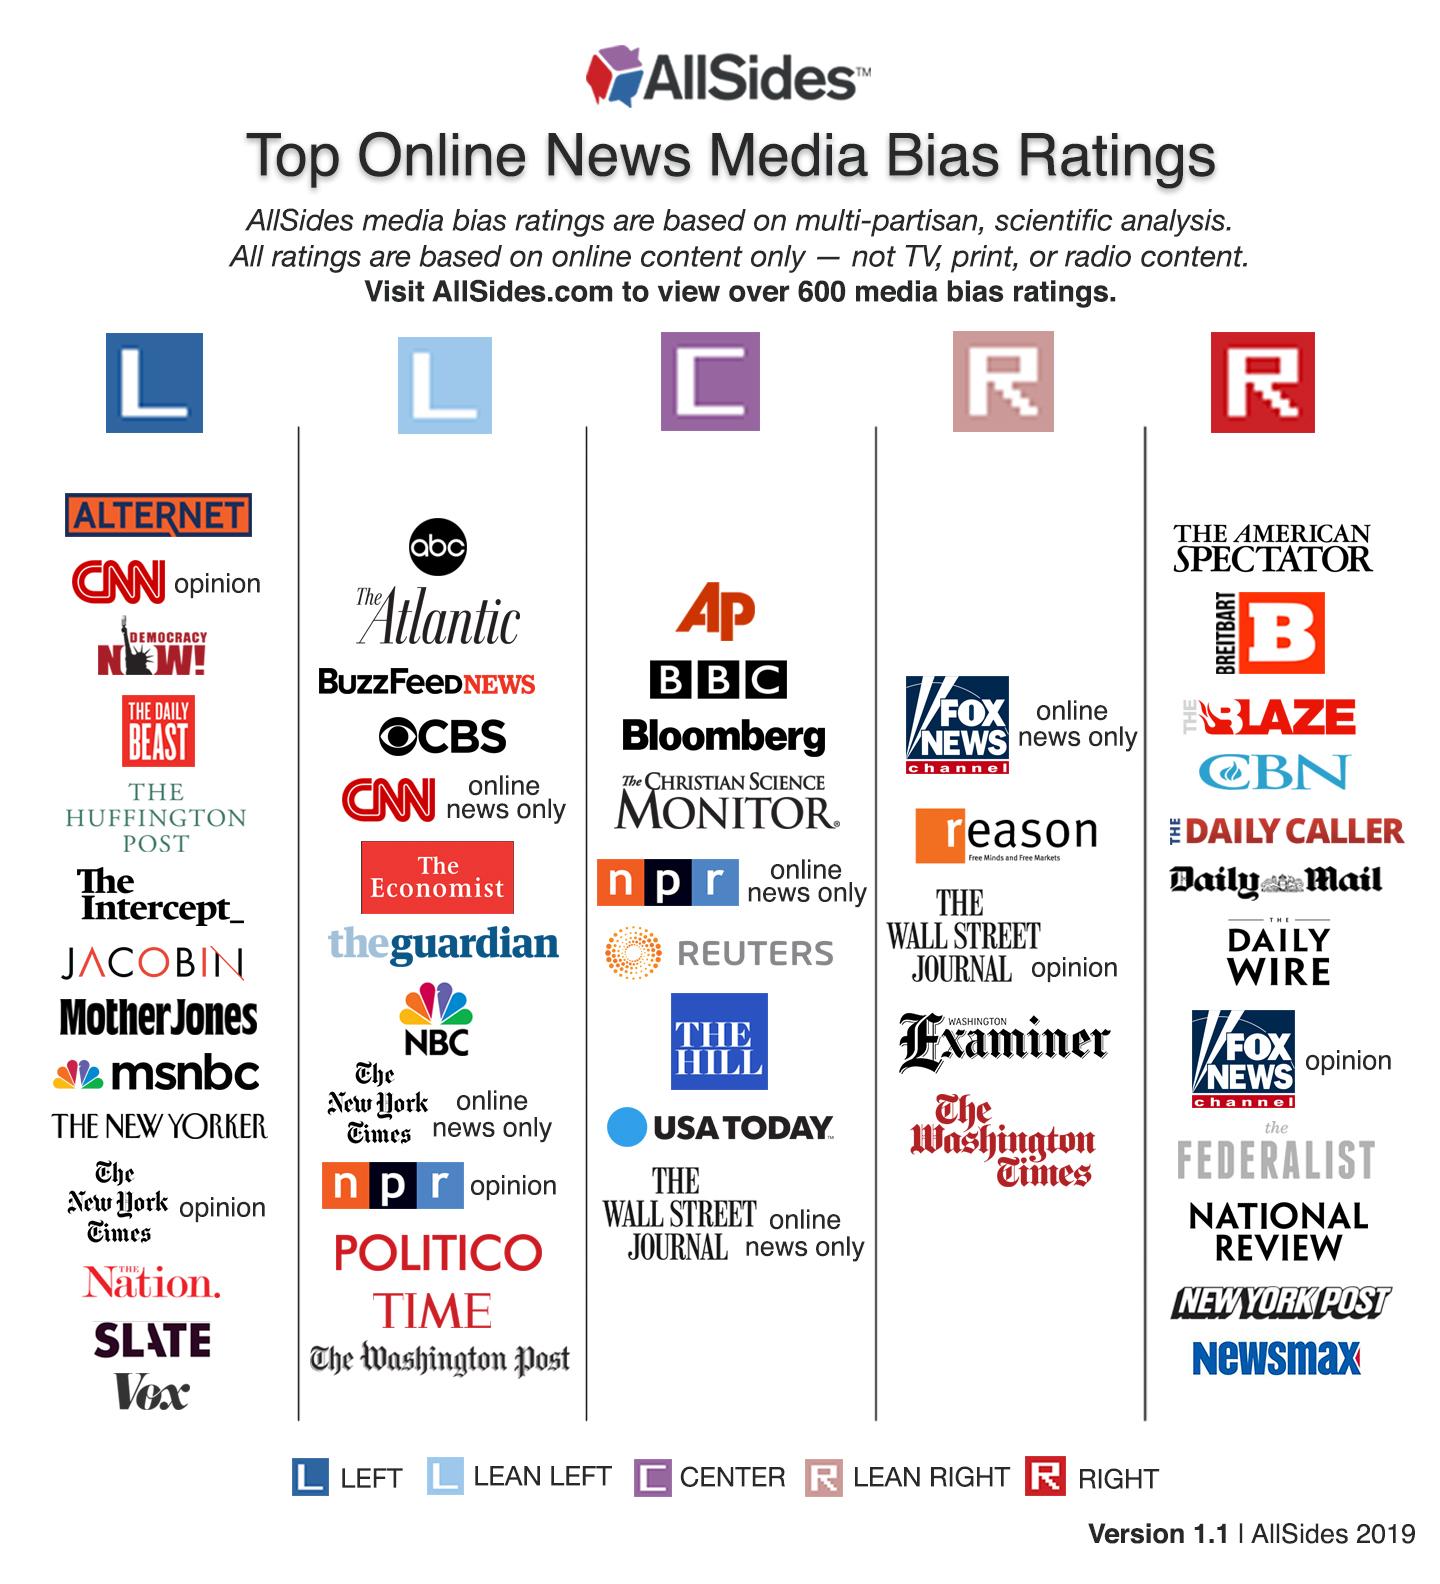 Media Bias Ratings